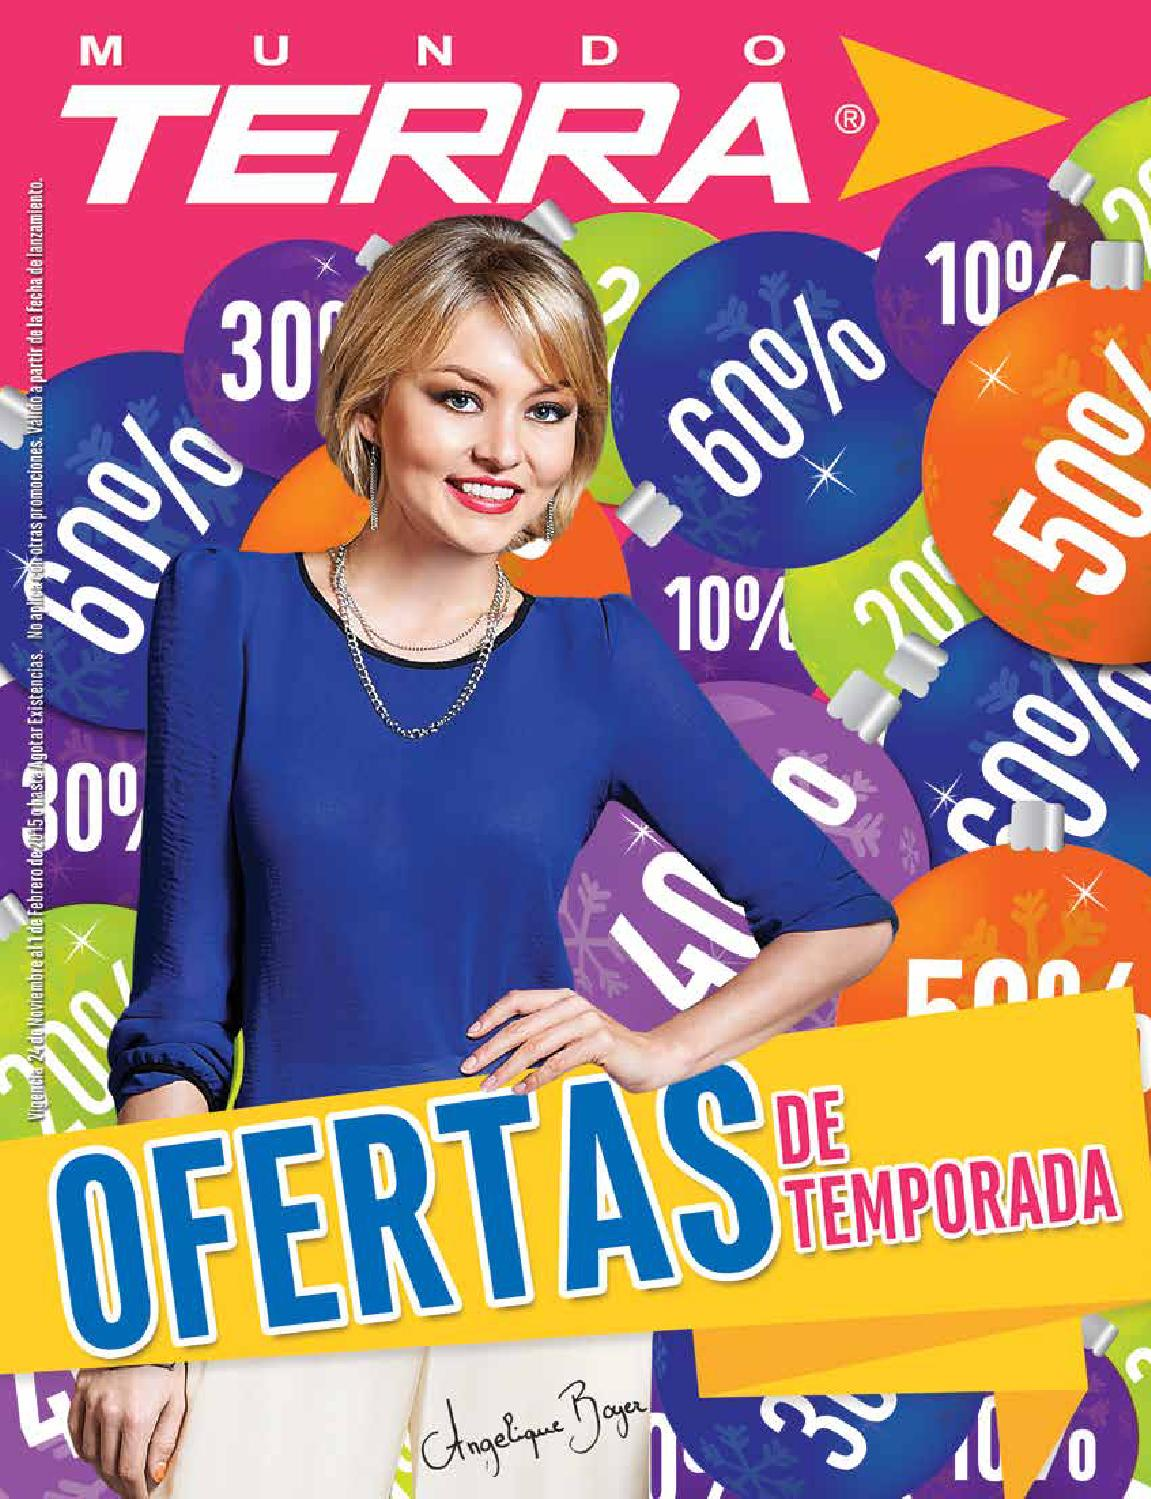 03e3edba Mundo Terra Ofertas by Kabah Cortes - issuu